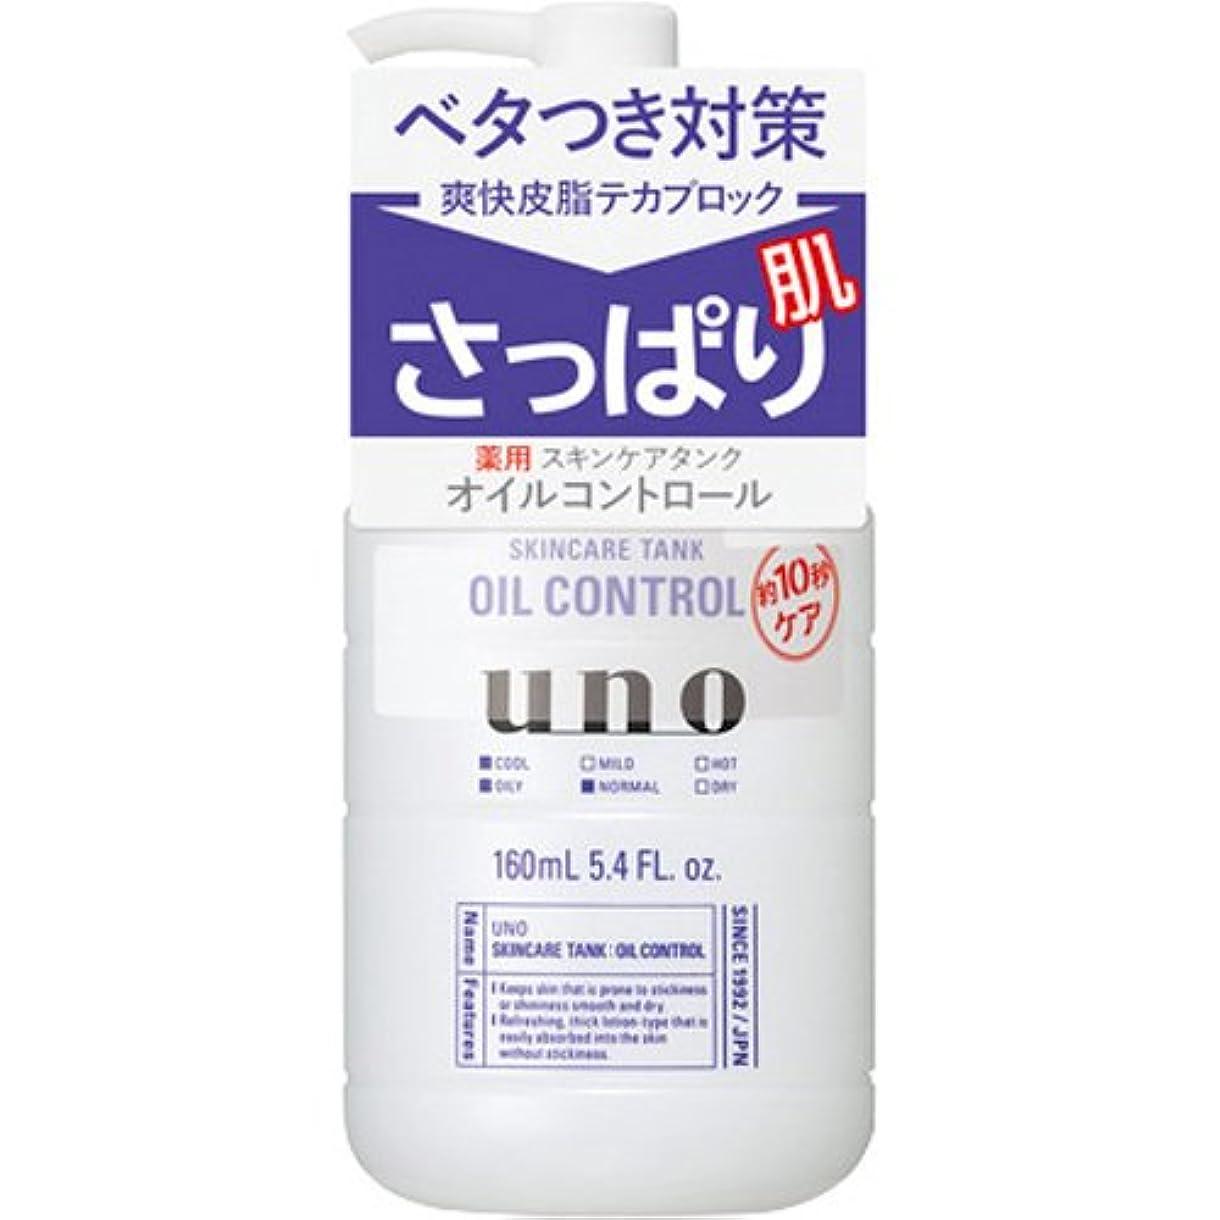 ふつうパッチ粉砕する資生堂 ウーノ スキンケアタンク [さっぱり] (医薬部外品)《160mL》